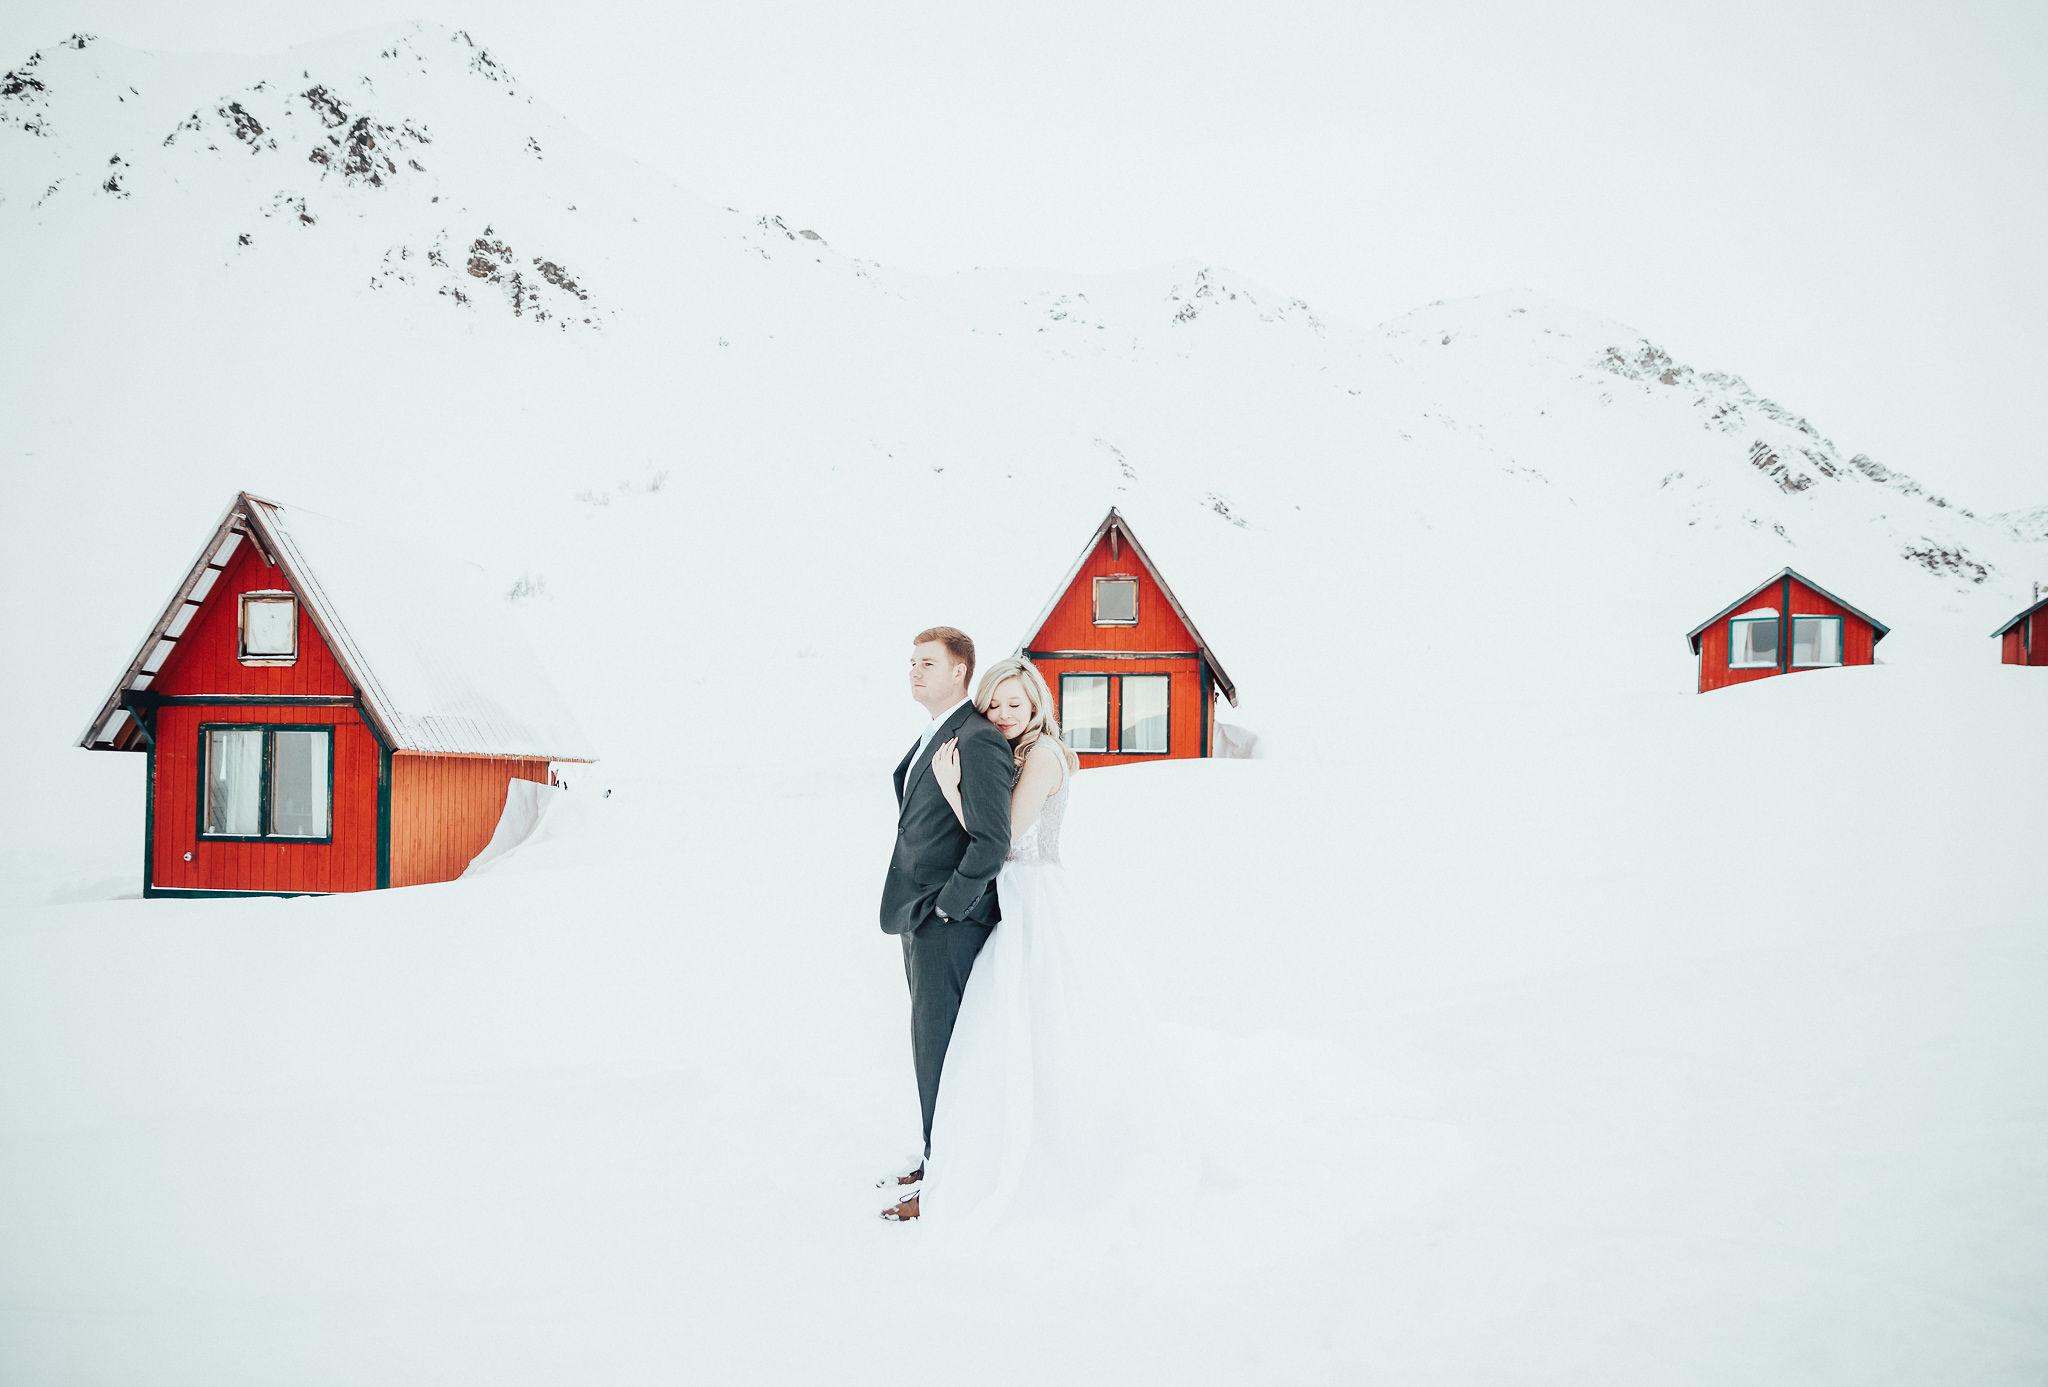 Hatcher Pass, AK. Elopement Photographer. WInter Wedding.